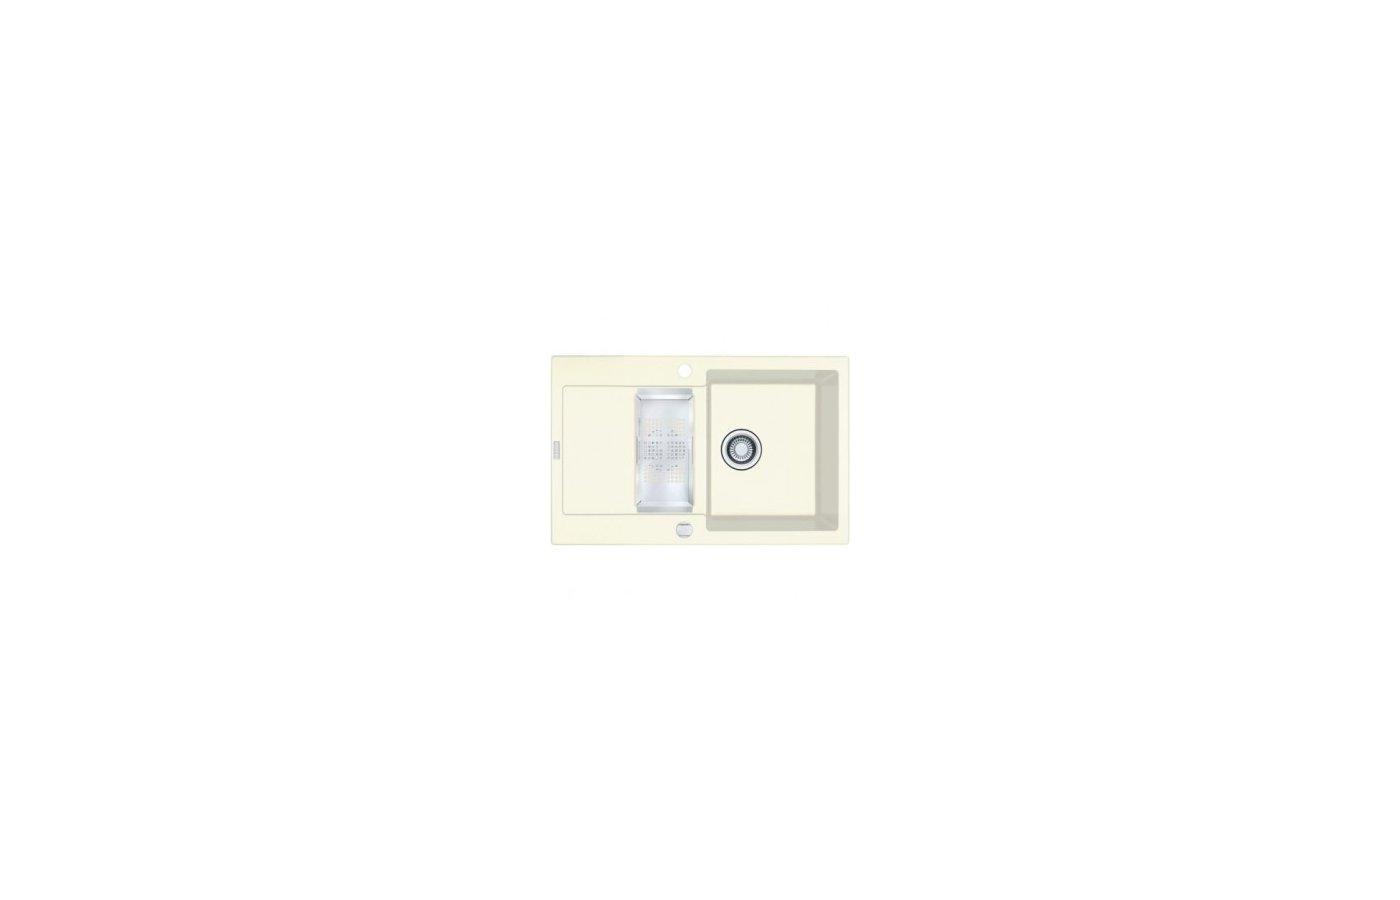 Кухонная мойка FRANKE MRG 651-78 белый